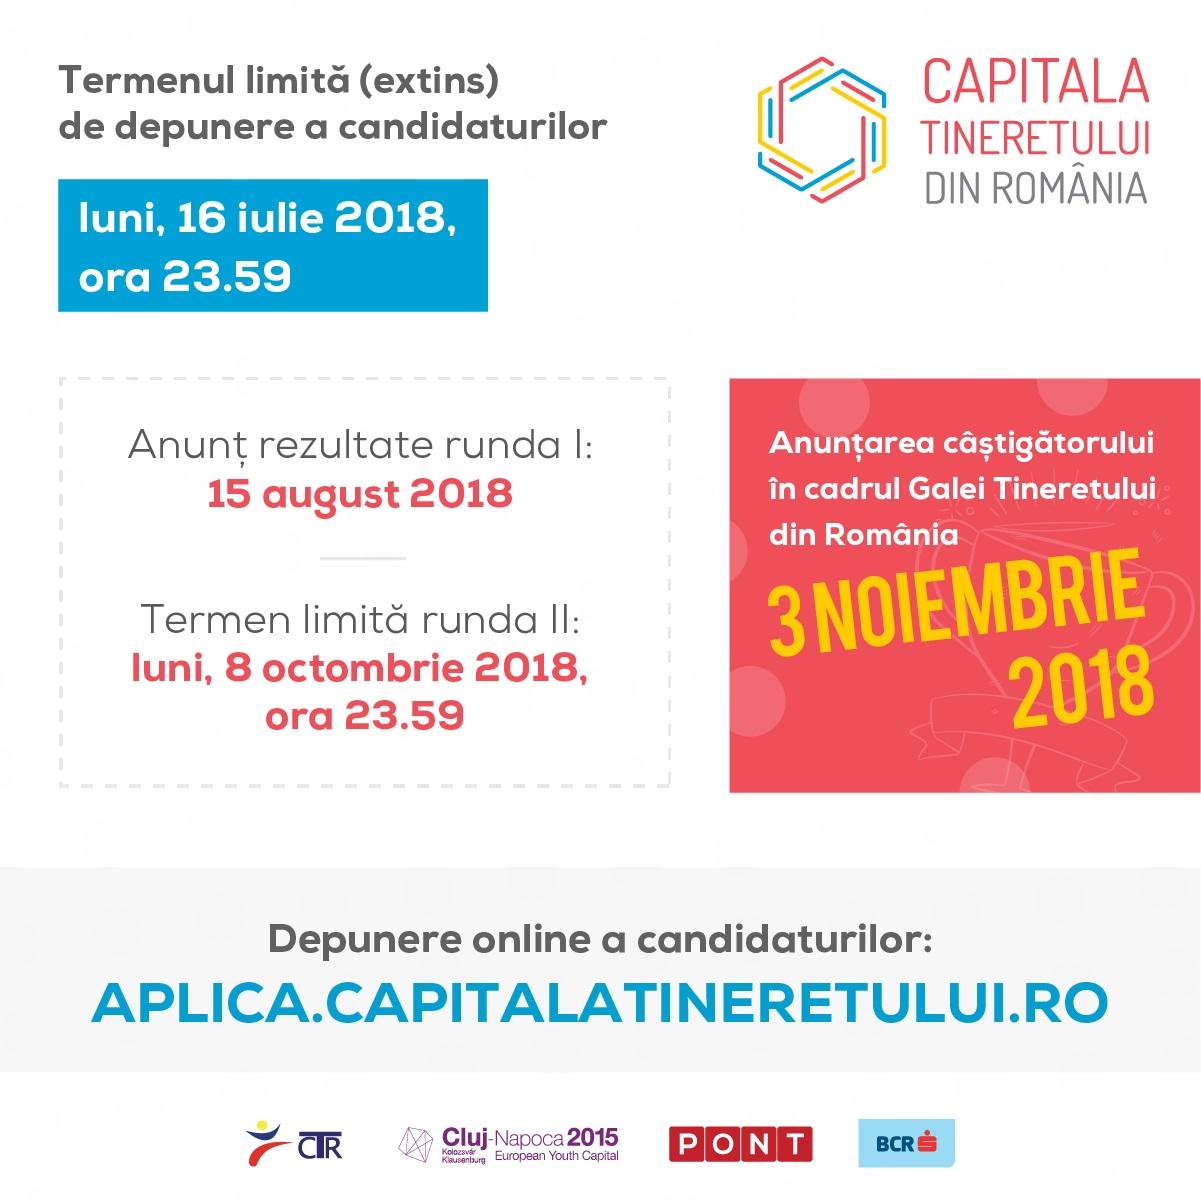 Competiția pentru titlul Capitala Tineretului din România